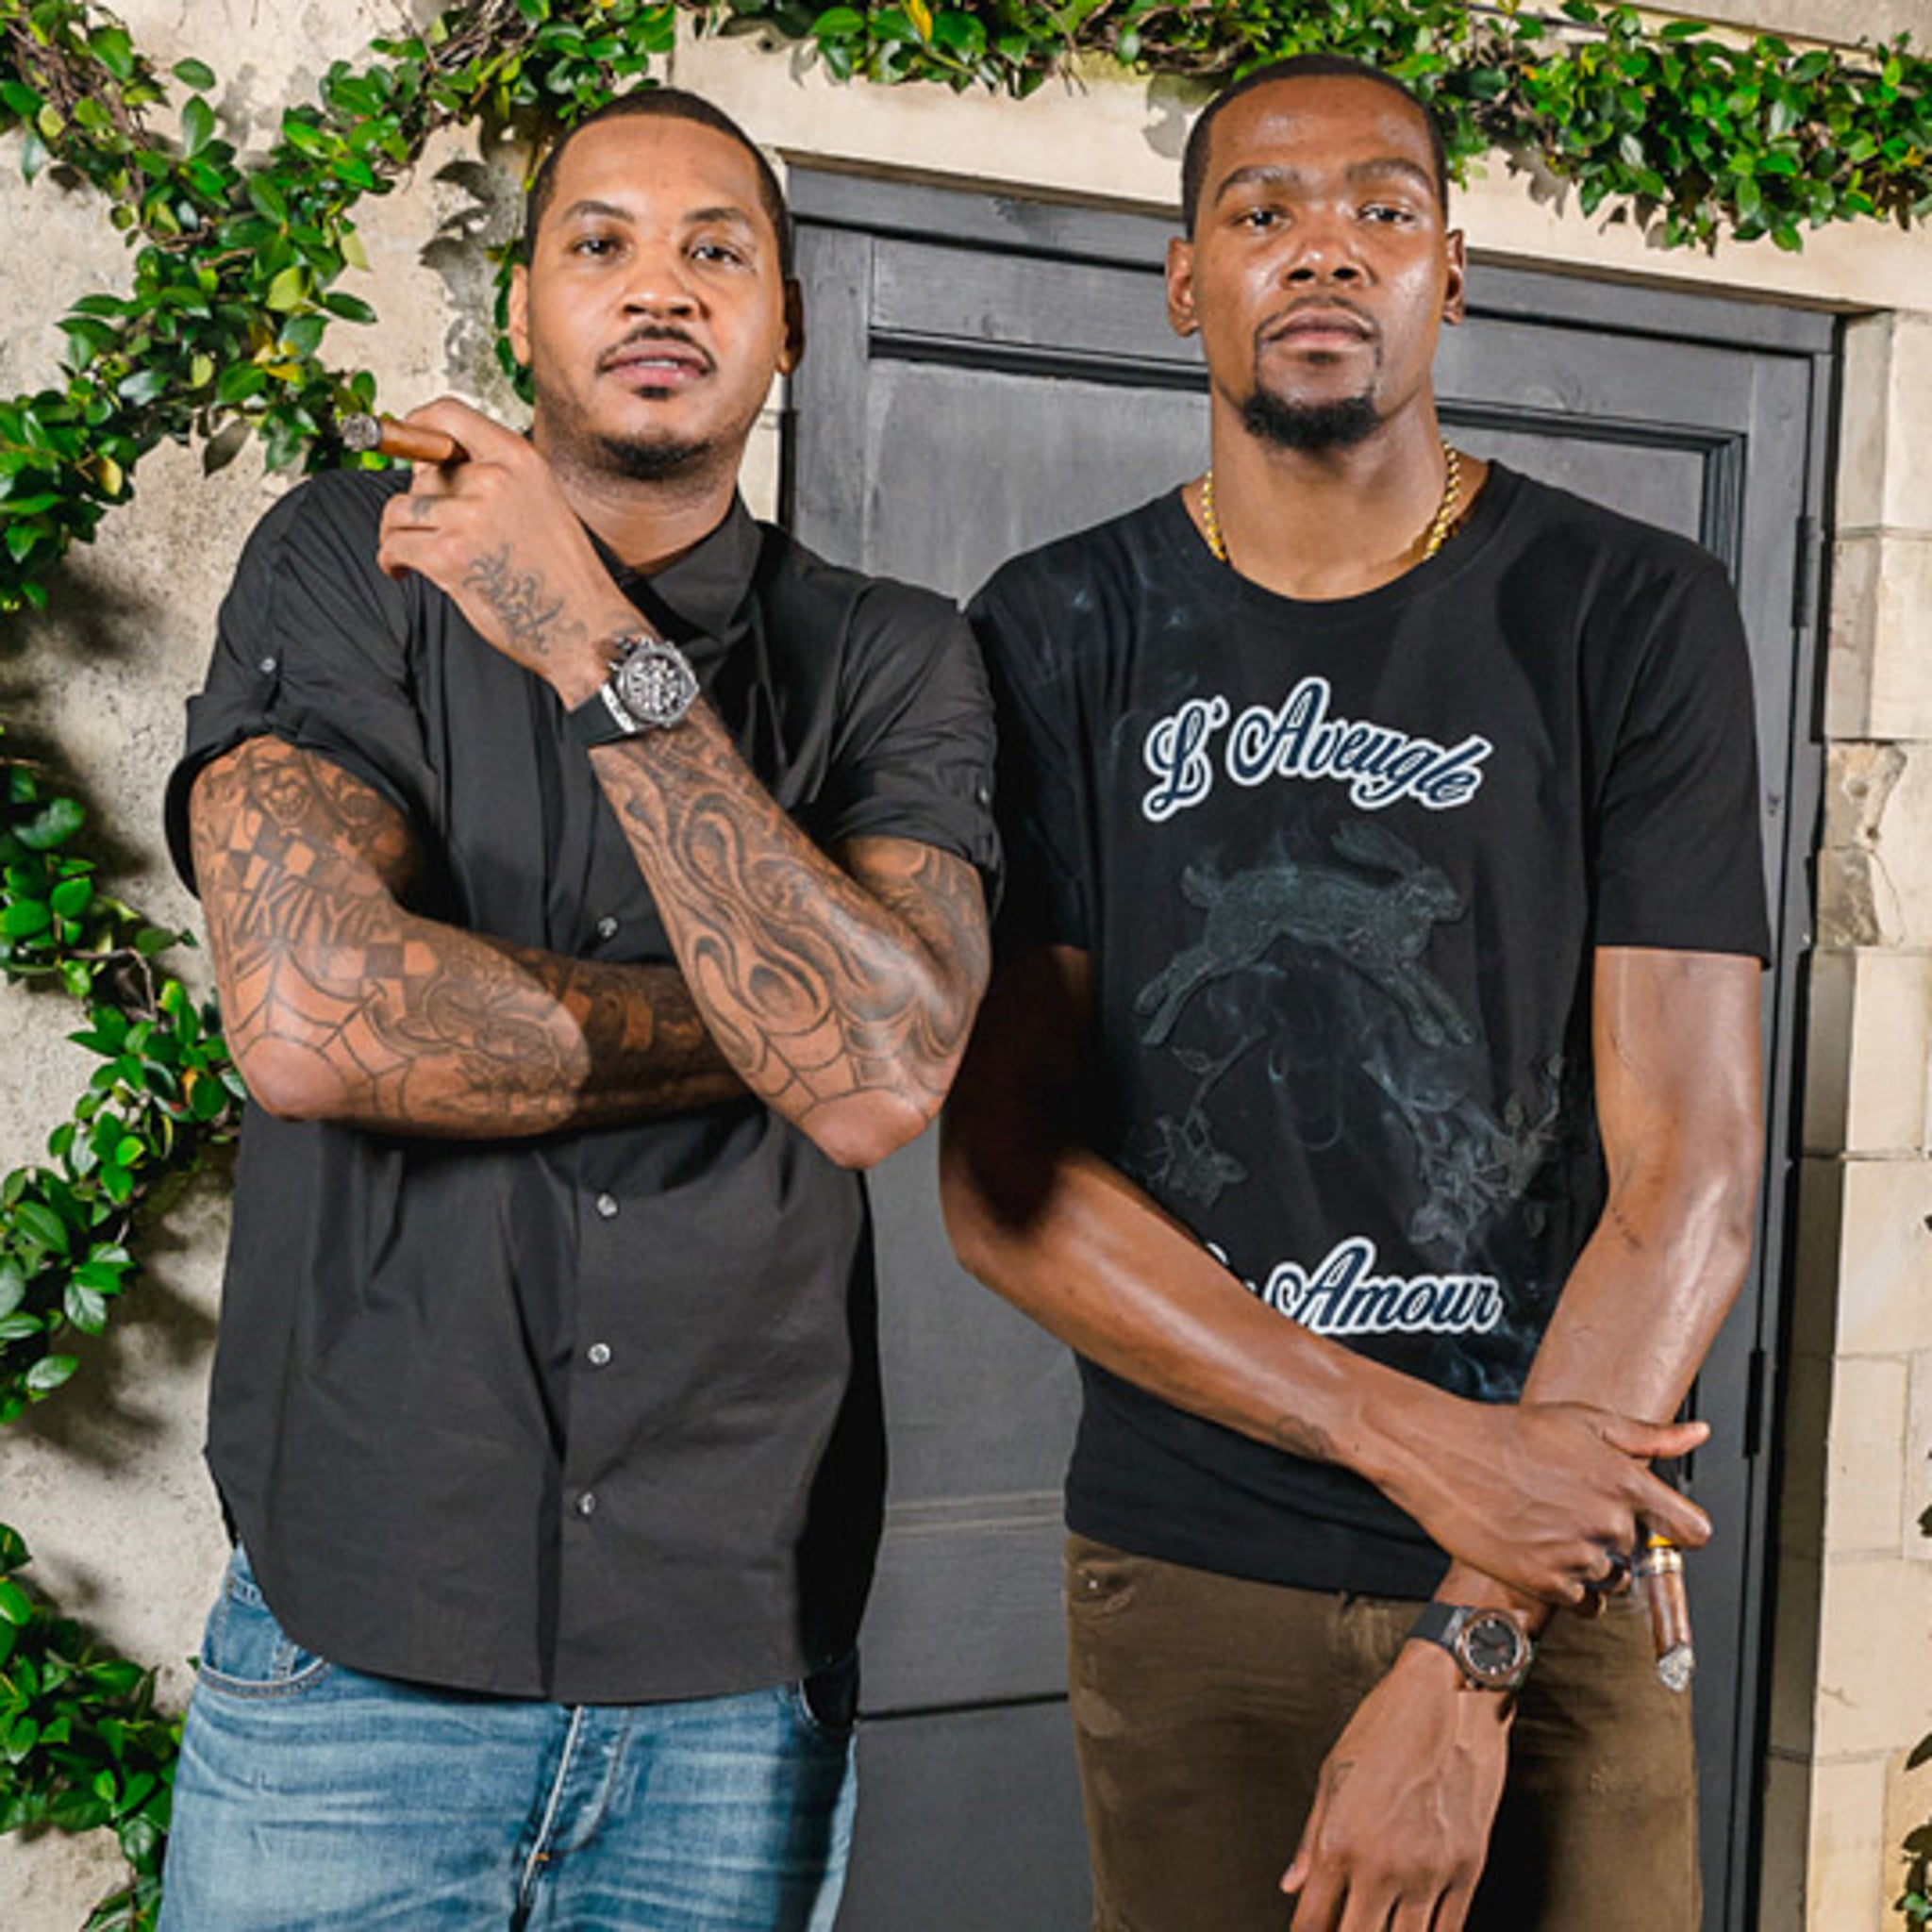 安東尼為何被稱為「社會瓜」,看完這5個故事你就明白,這才是巨星該有的樣子!-黑特籃球-NBA新聞影音圖片分享社區